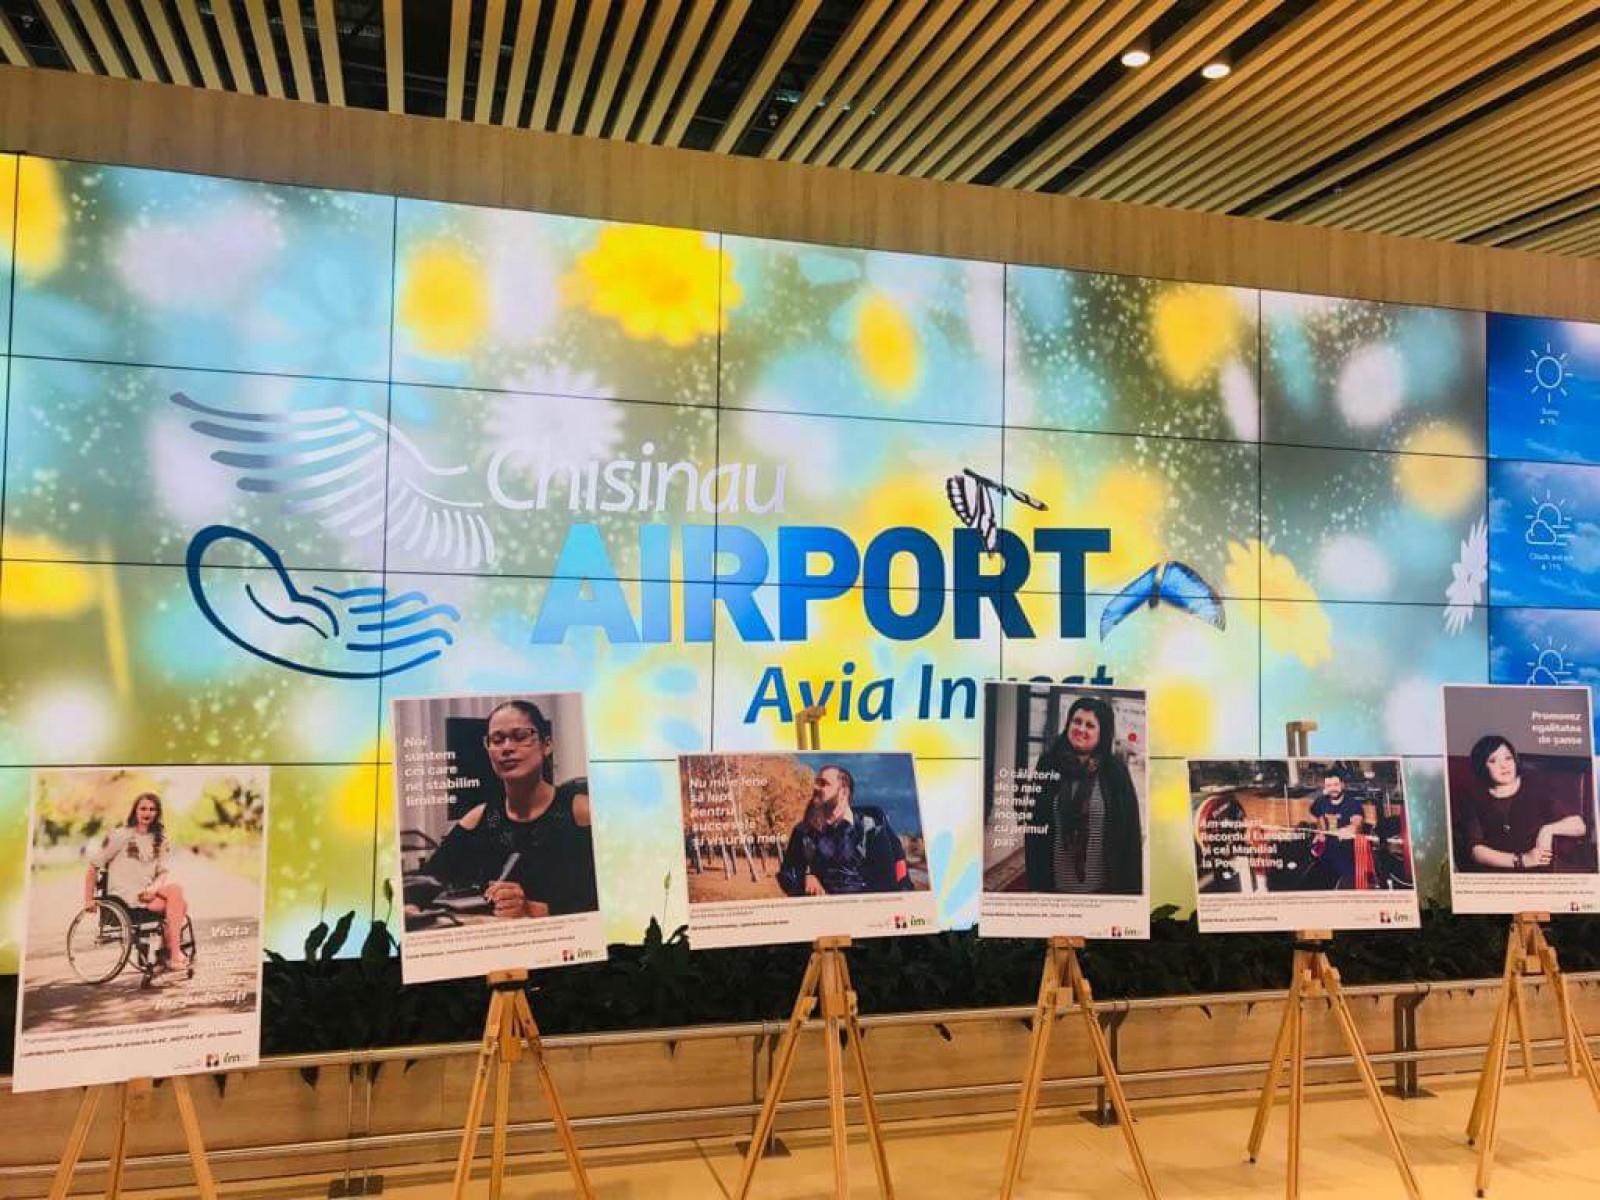 """Avia Invest partener în campania """"Oameni care inspiră"""" desfăşurată la Aeroportul Internaţional Chişinău!"""